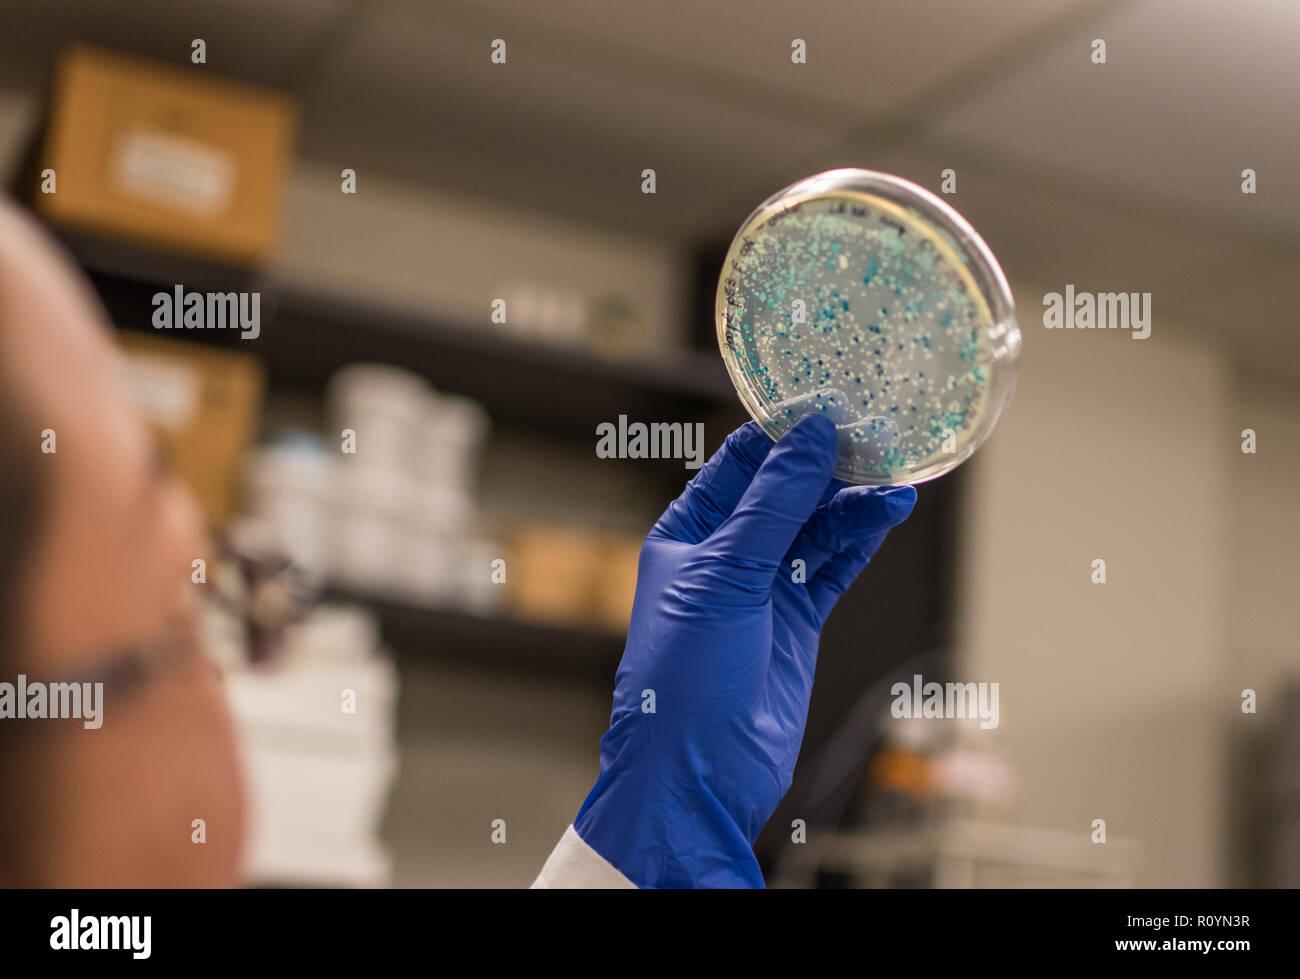 La investigación biomédica en un microbioma y microorganismo Foto de stock